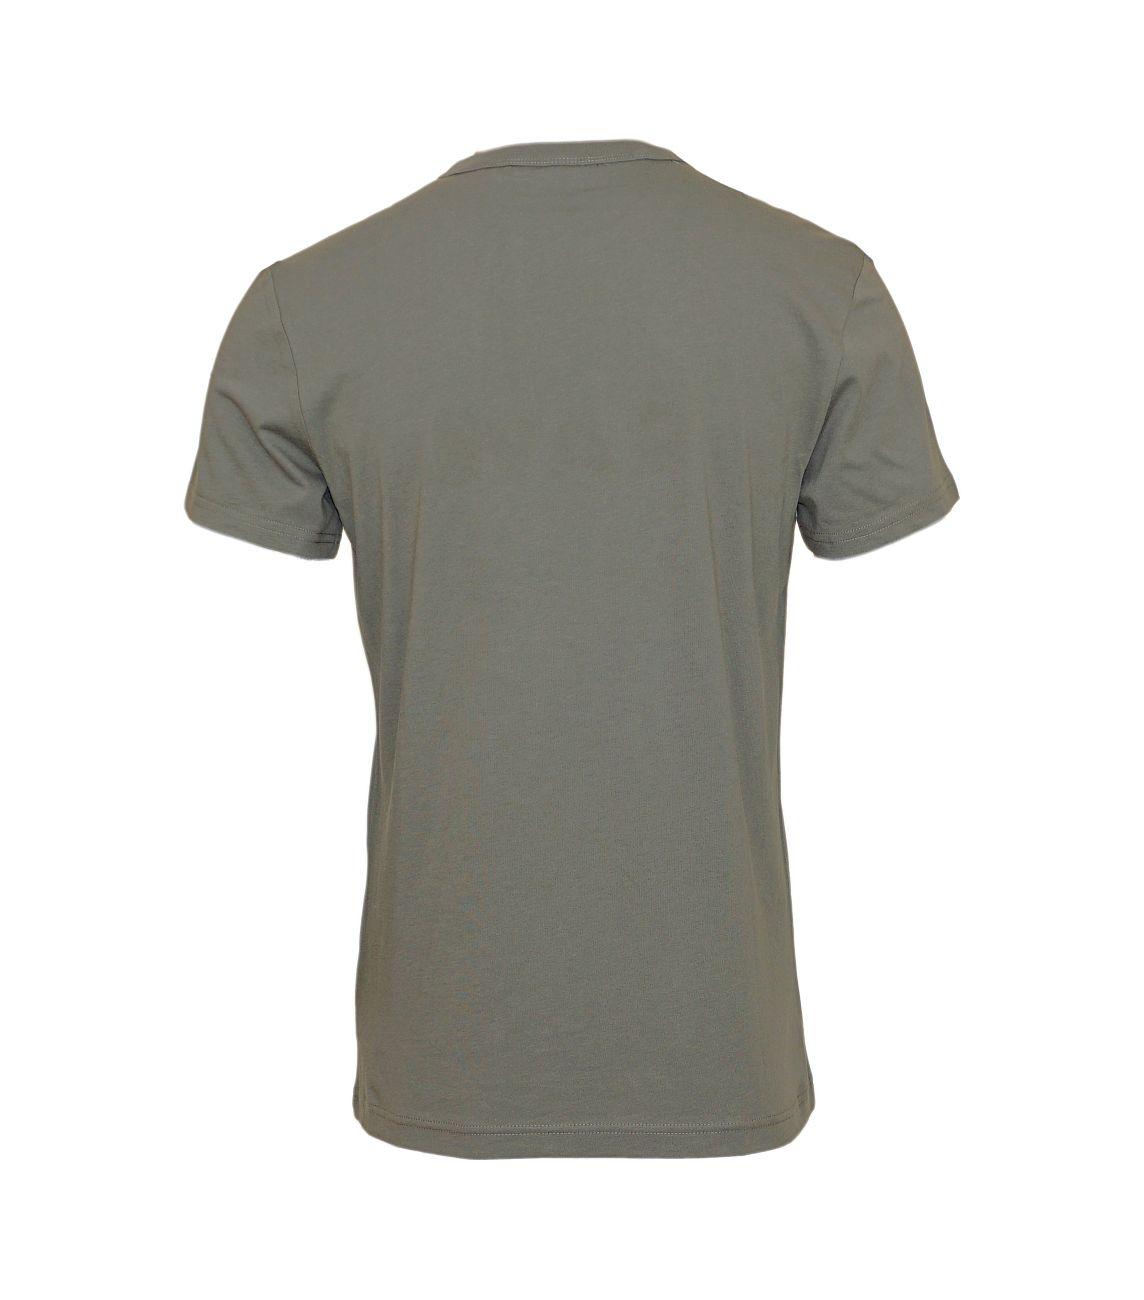 G-Star RAW T-Shirt Holorn rt D08512.8415.1260 81 Gs Grey F18-GST1